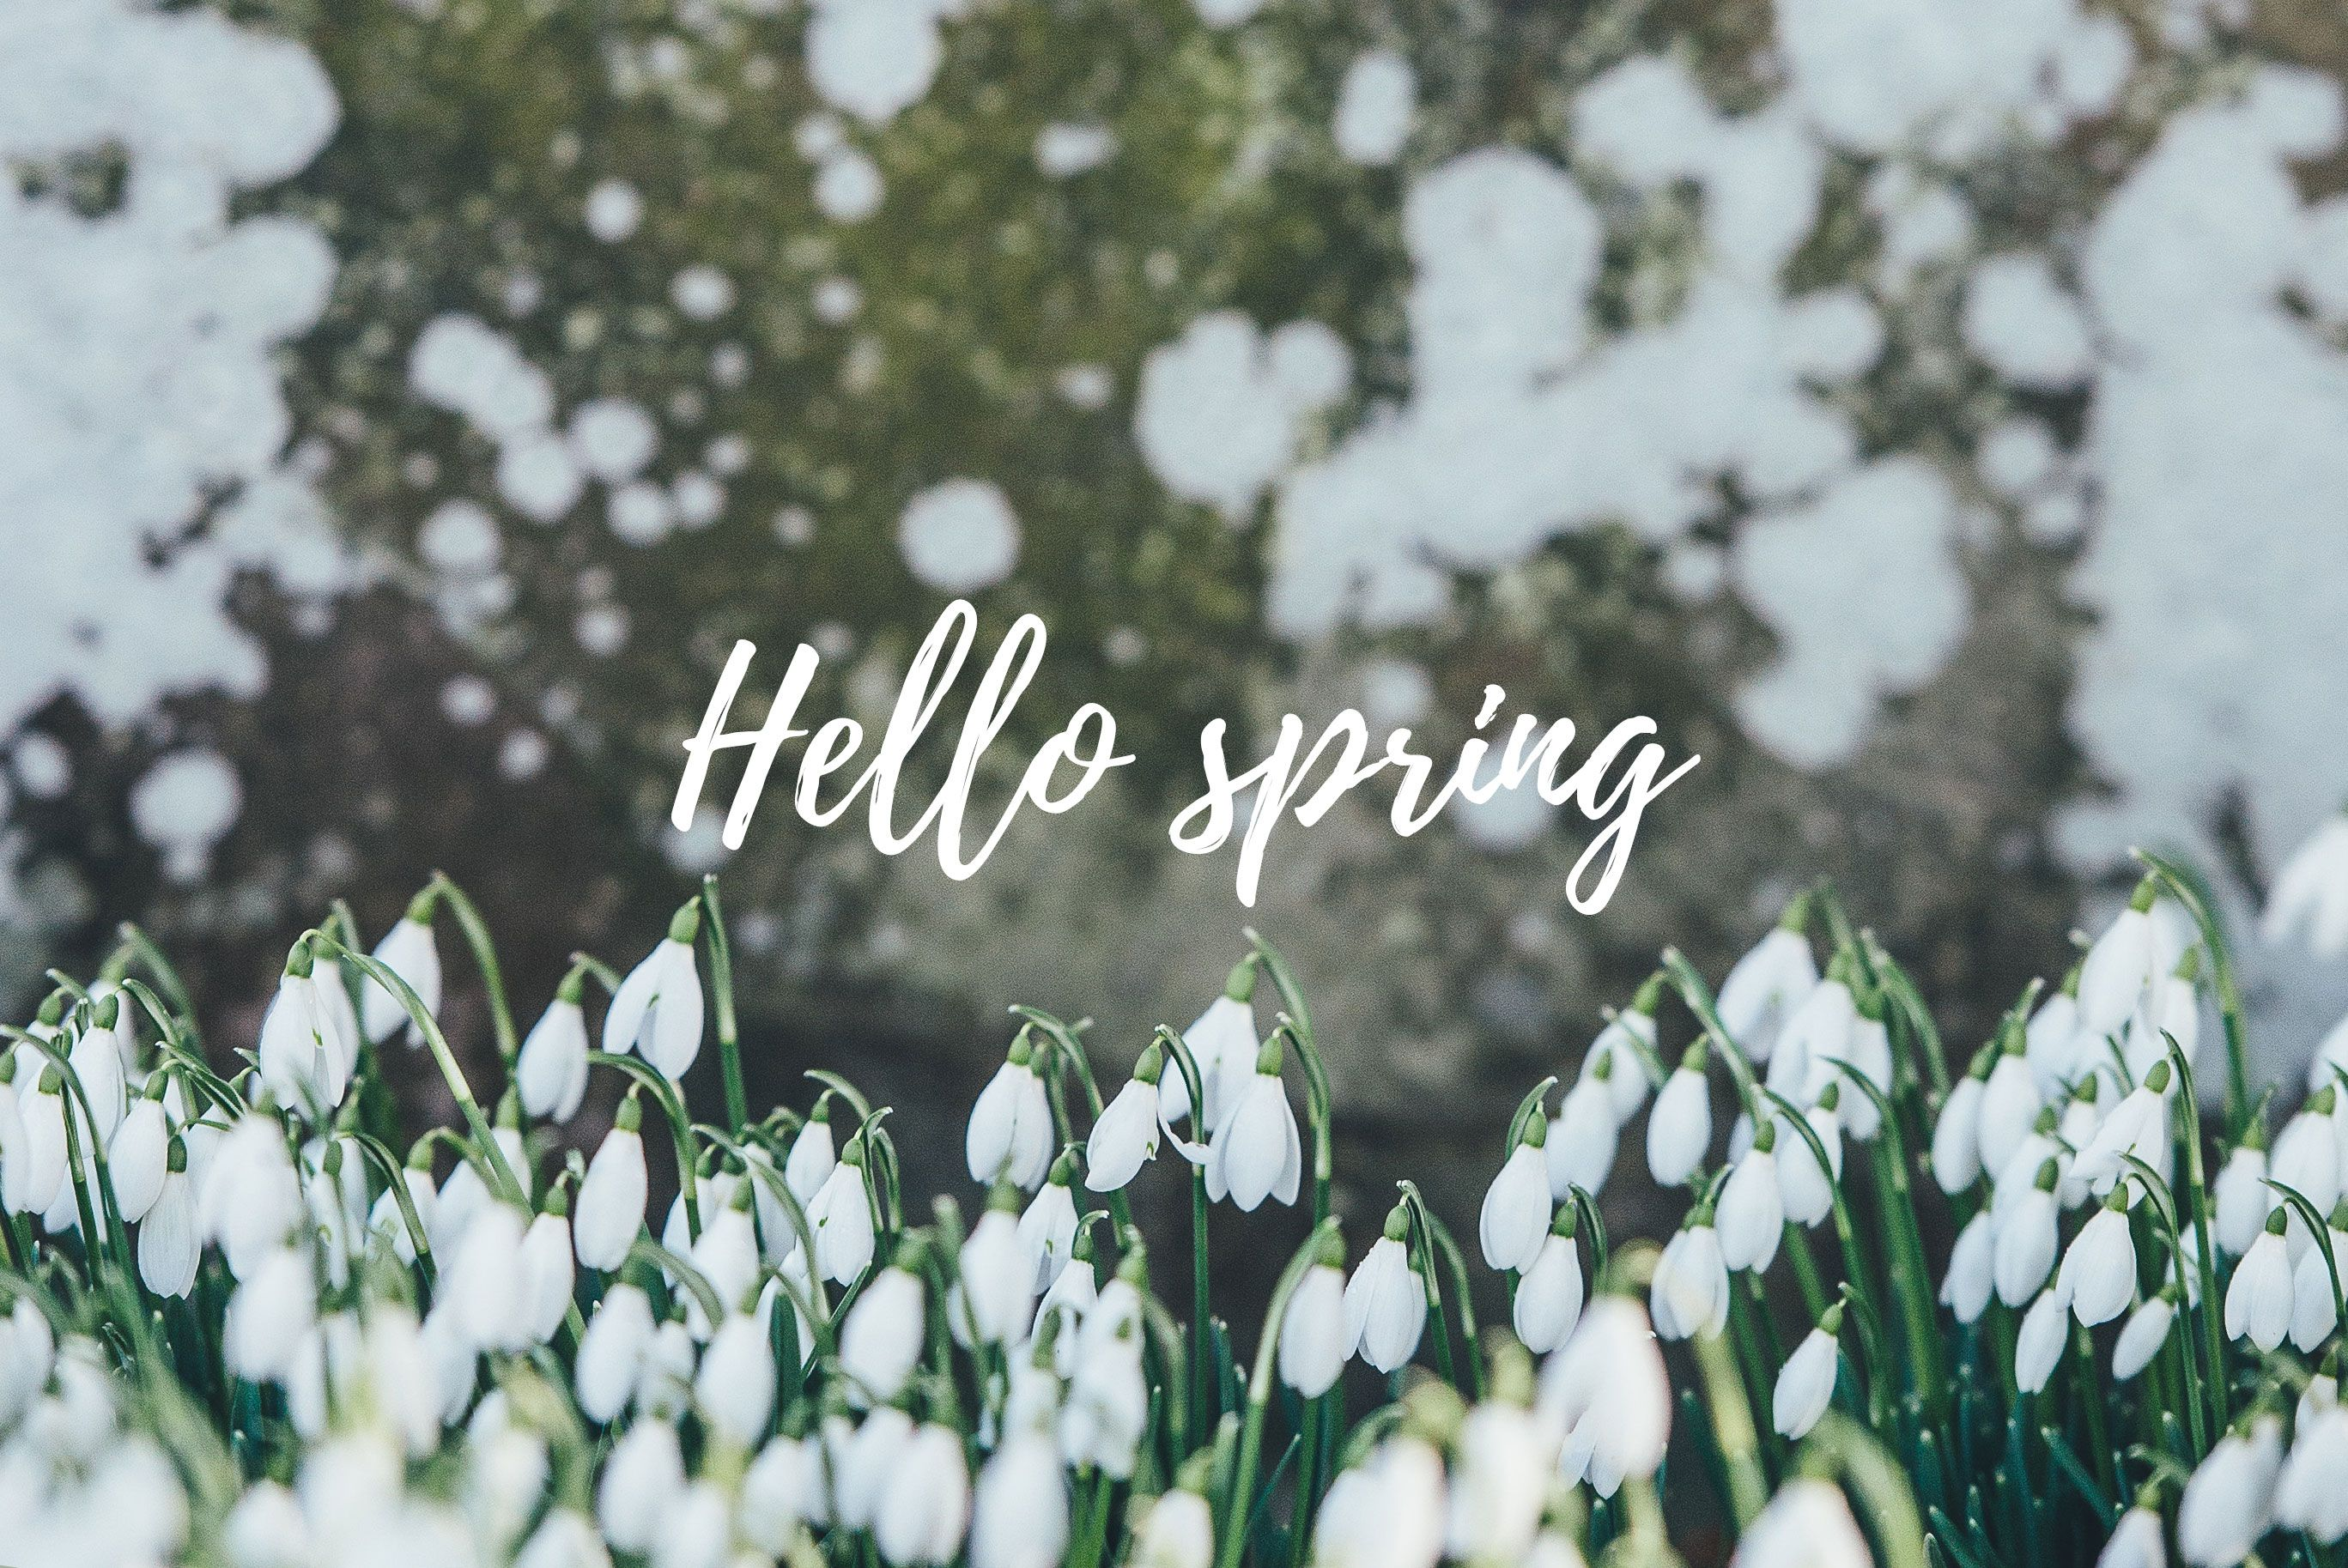 Free Spring Desktop Images Sonrisa Studio Spring Desktop Wallpaper Spring Wallpaper Desktop Wallpaper